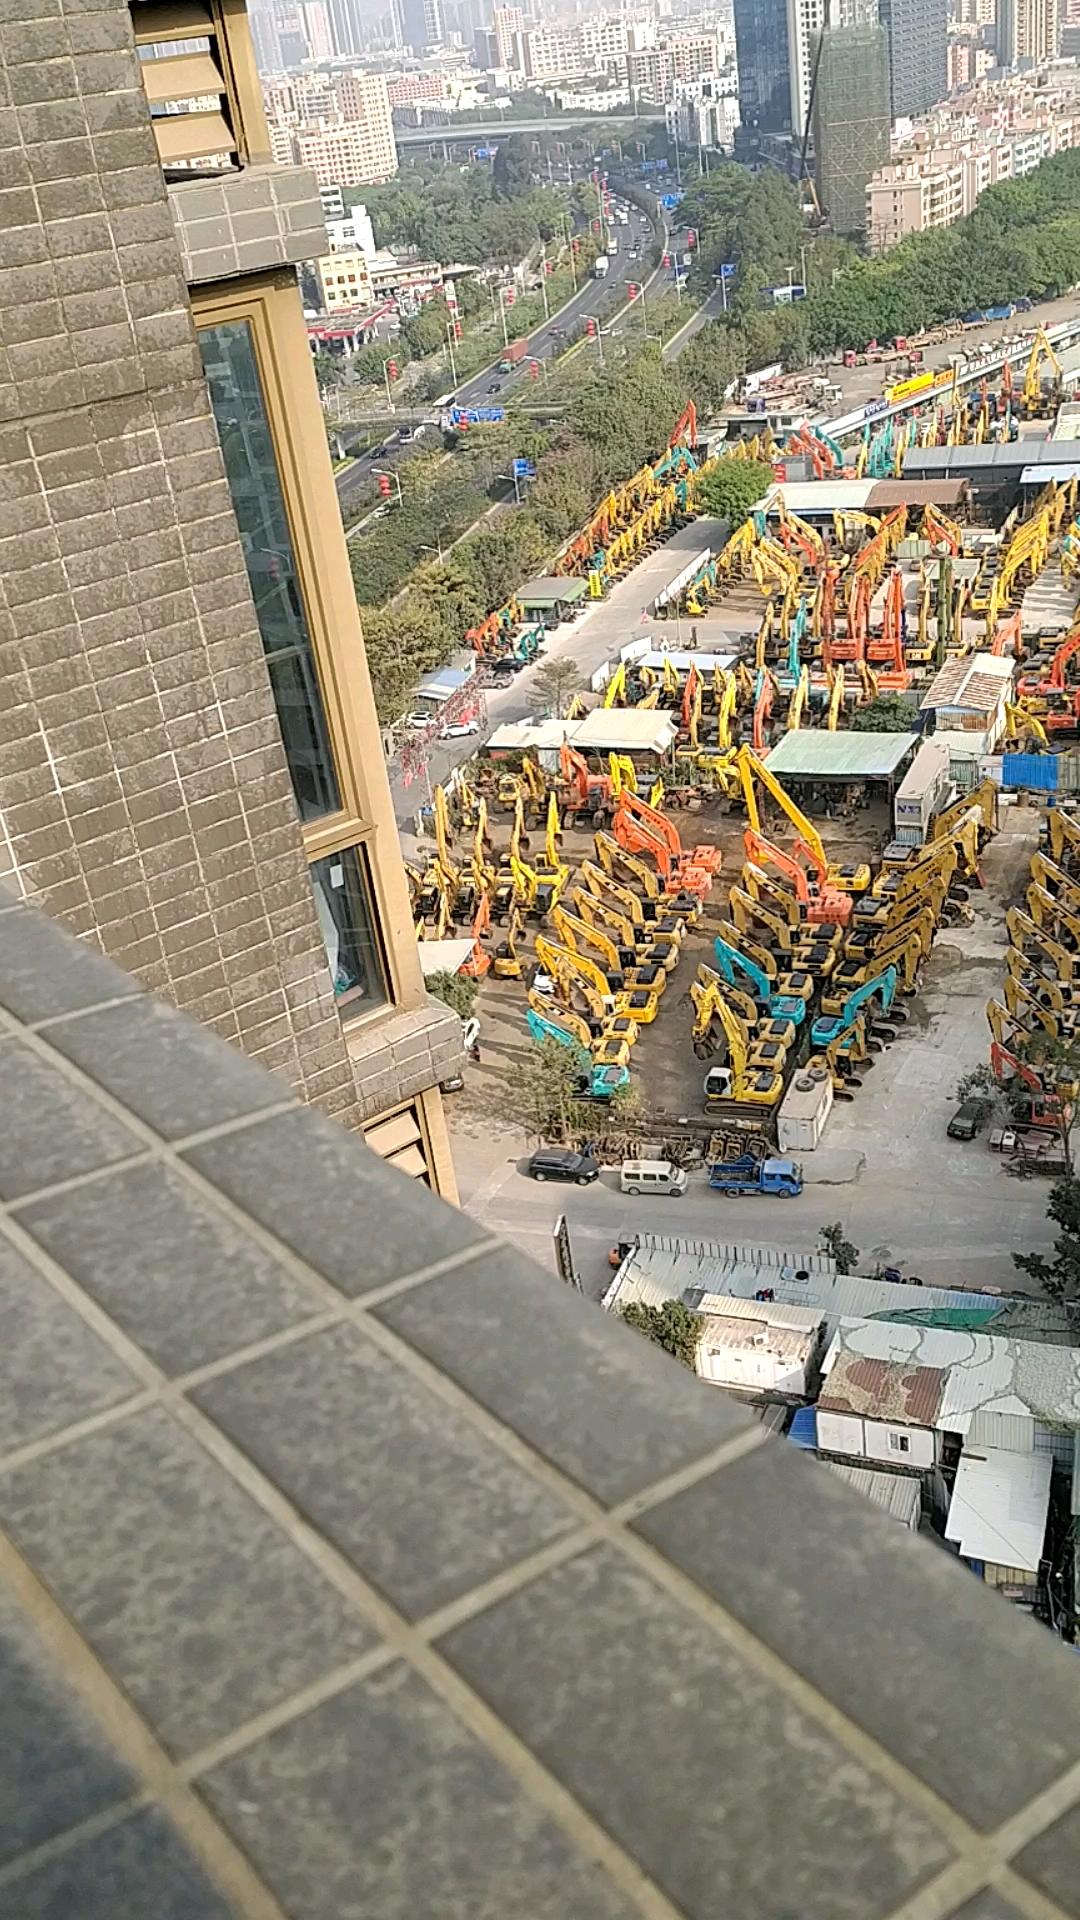 凤凰机械城全景拍摄,超级多挖机